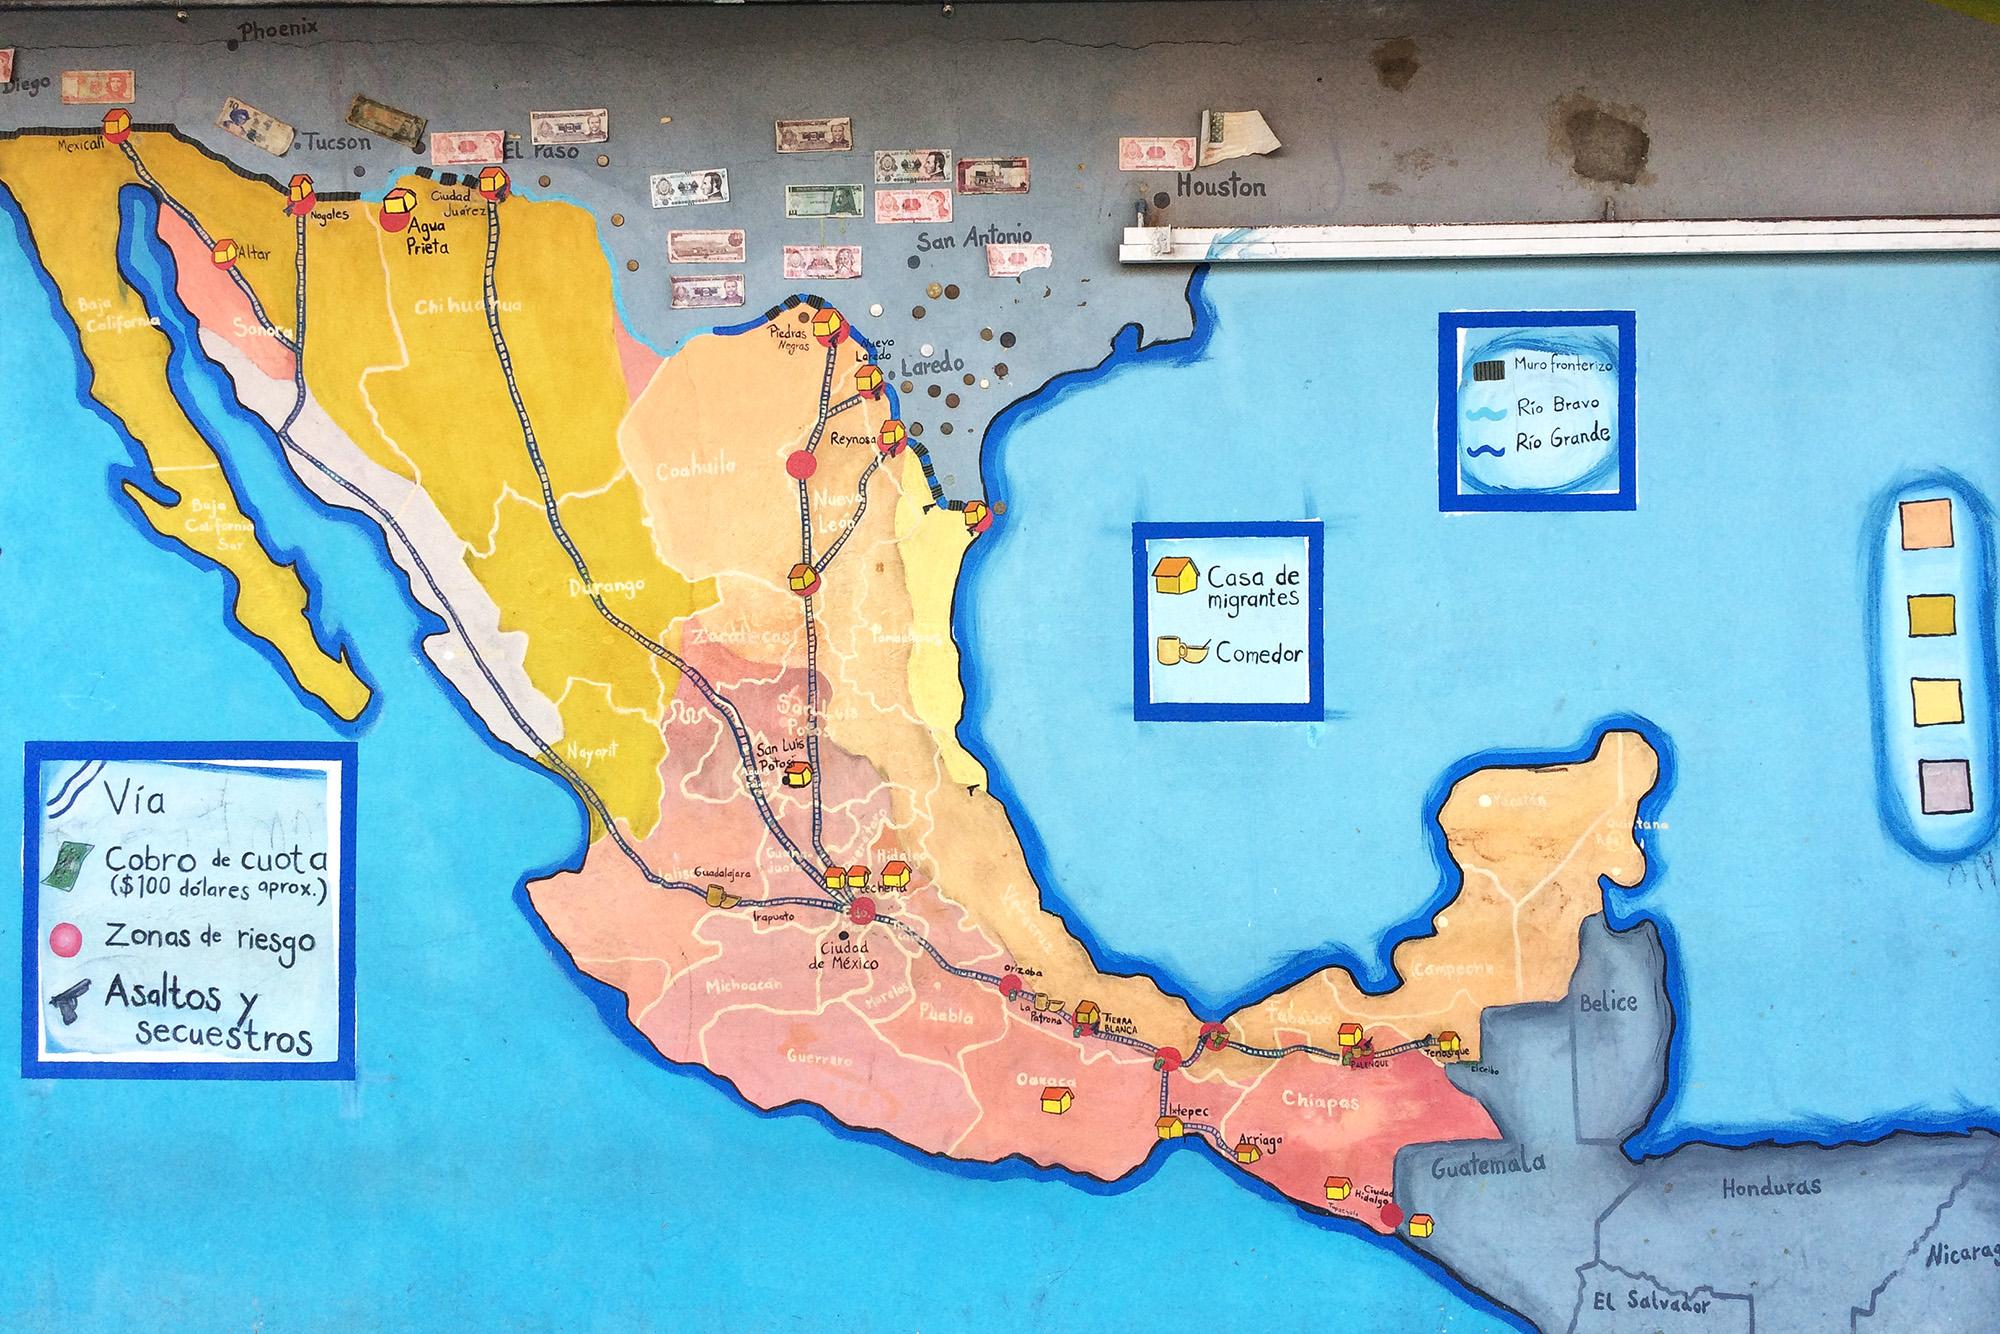 En La 72 se encuentra dibujado un mapa con las distintas rutas migratorias, así como albergues y zonas de riego en México.